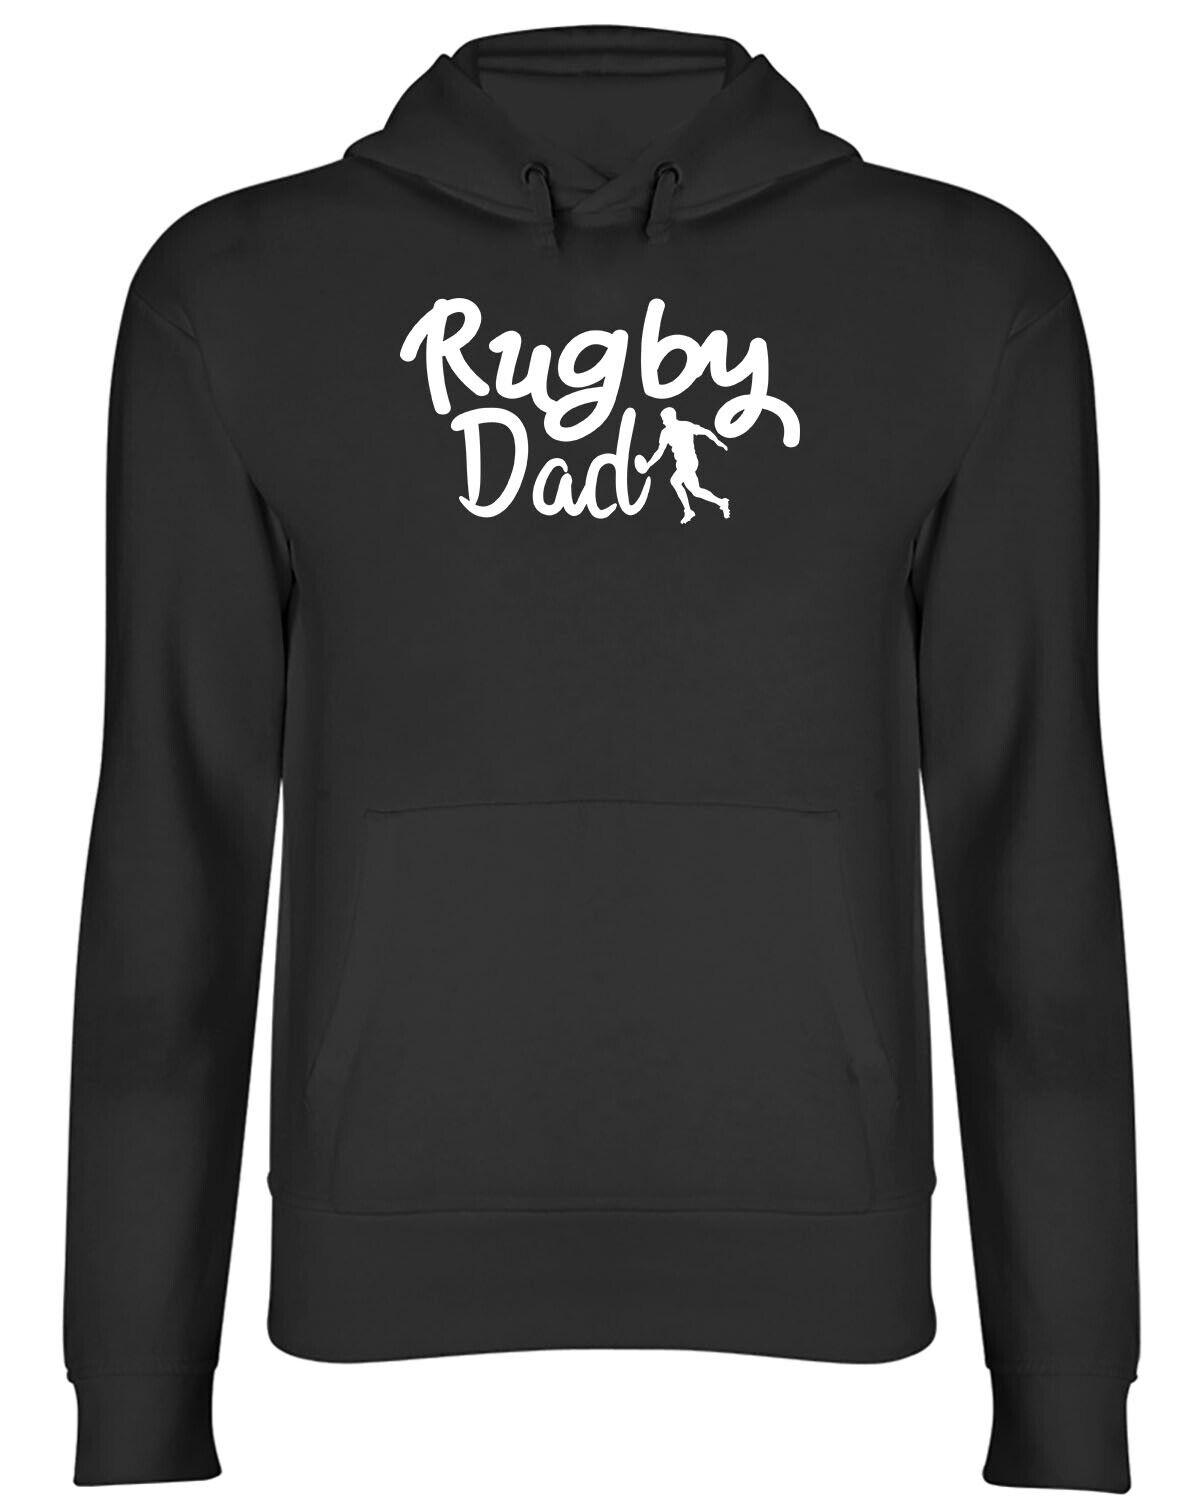 Rugby Dad Mens Womens Hooded Top Hoodie